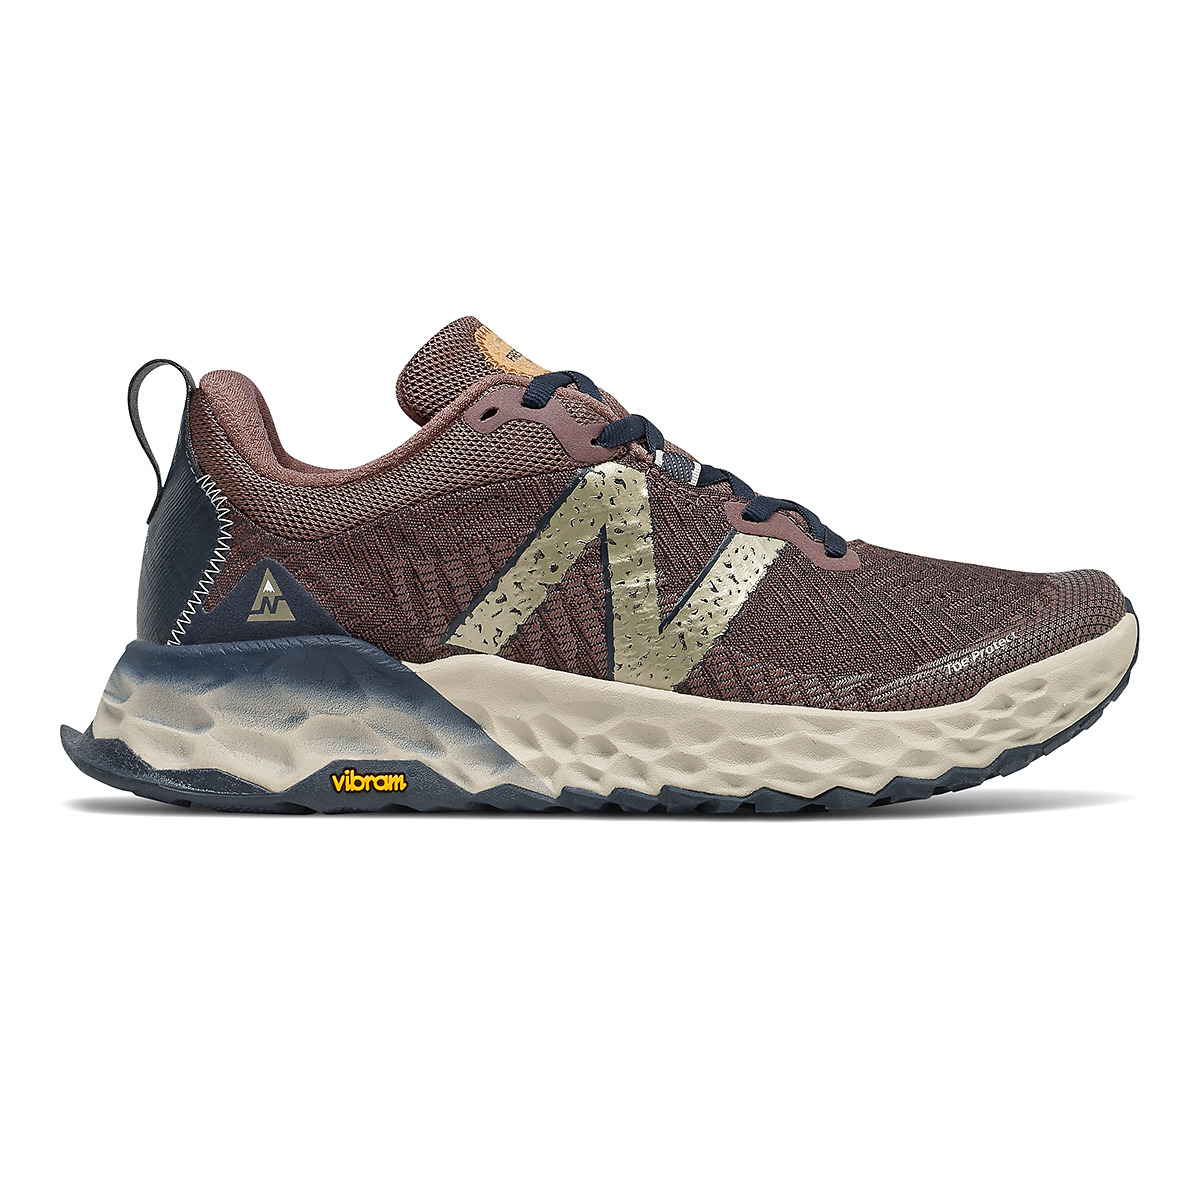 Women's New Balance Hierro V6 Trail Running Shoe - Color: Black Fig - Size: 5 - Width: Regular, Black Fig, large, image 1